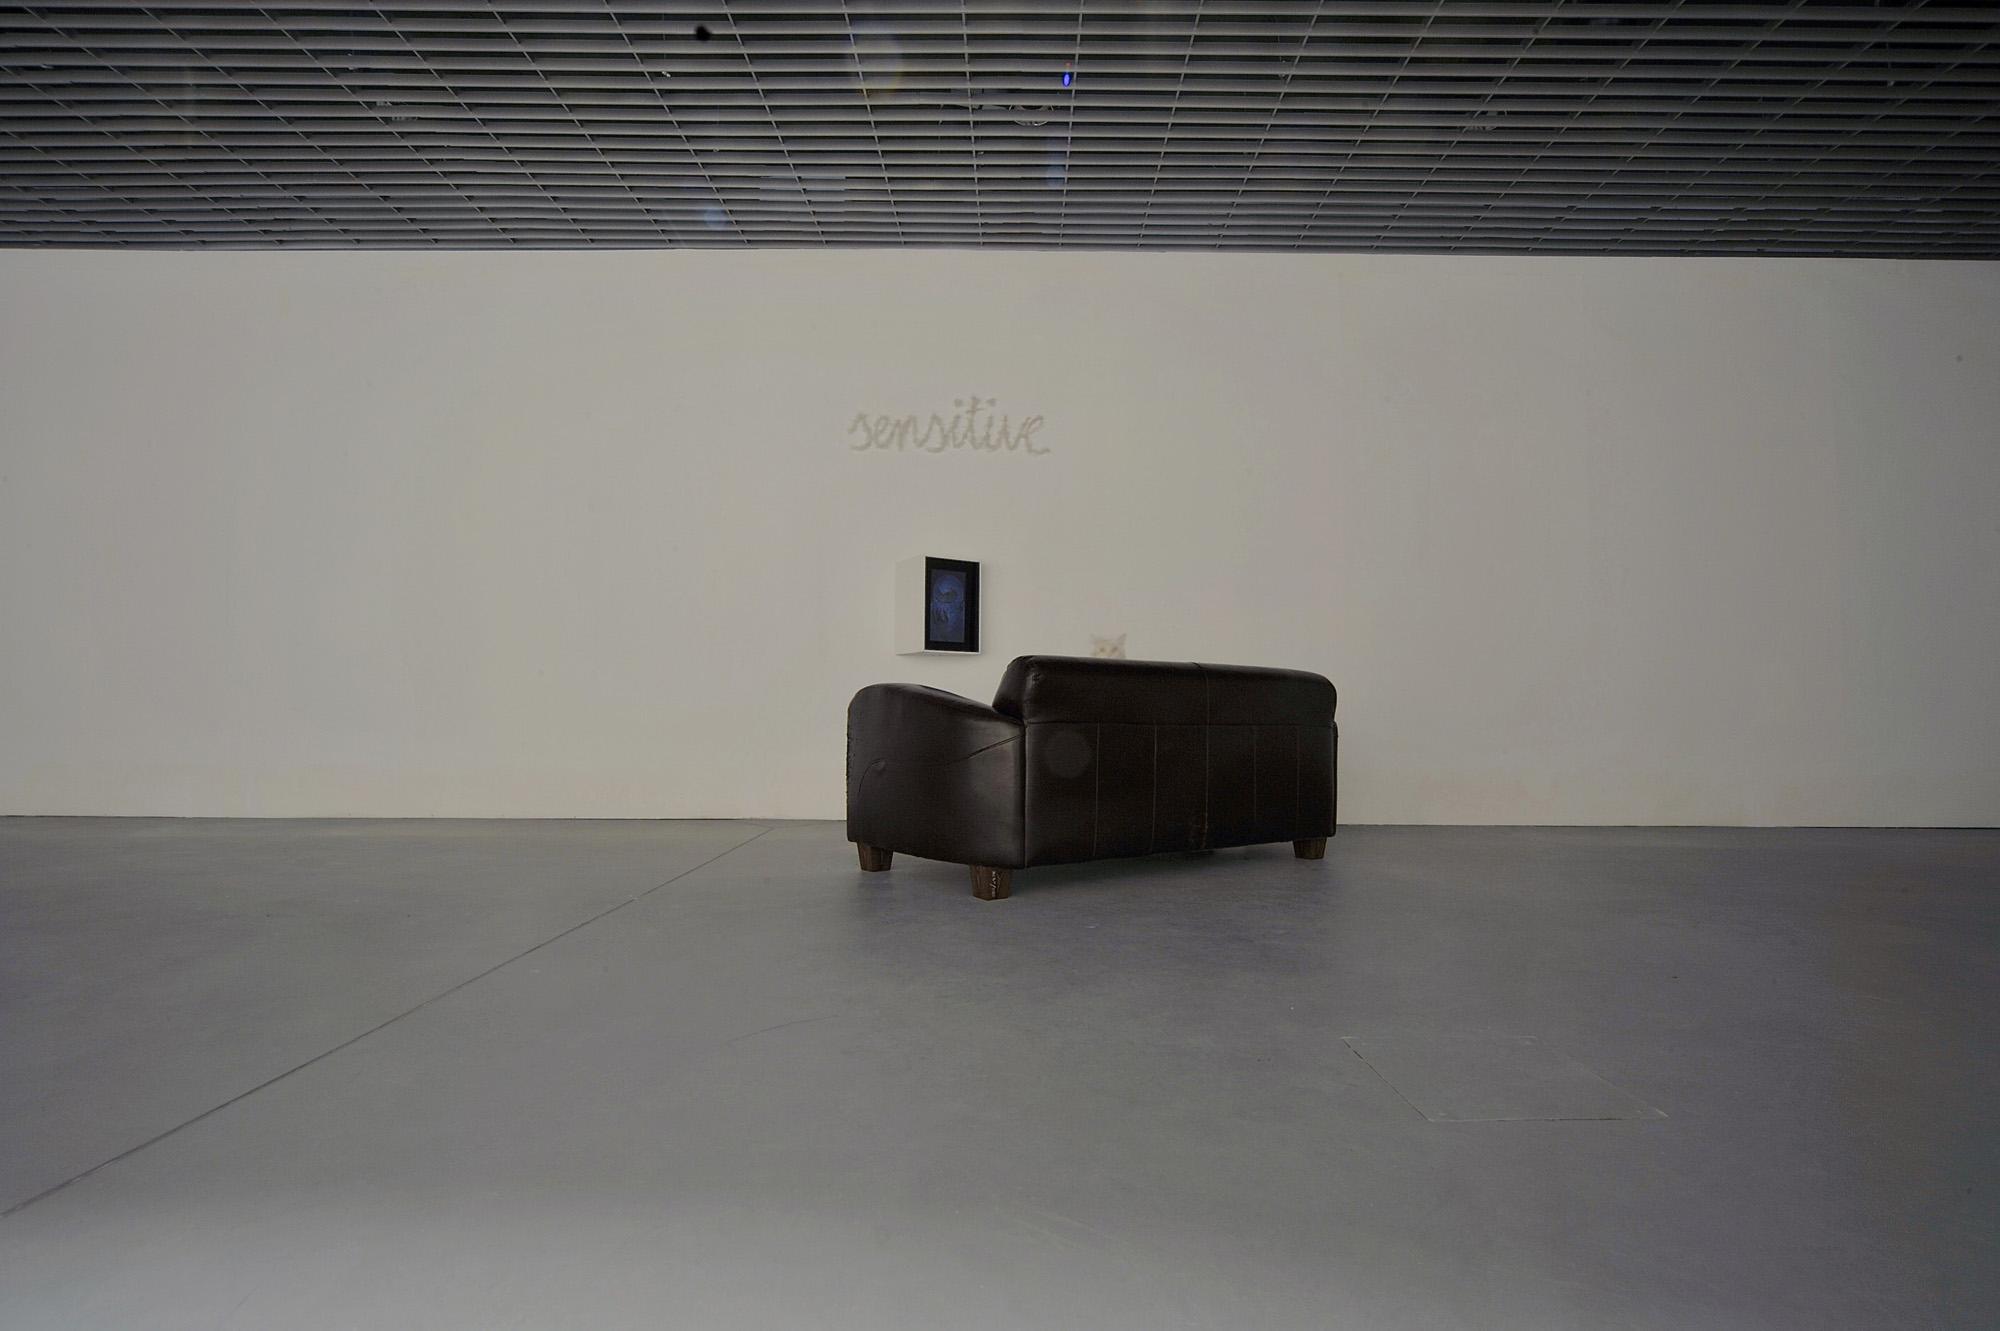 """Wystawa """"Czekalska + Golec. 69% CRUELTY FREE"""", fot. Łukasz Golec (źródło: materiały prasowe organizatora)"""